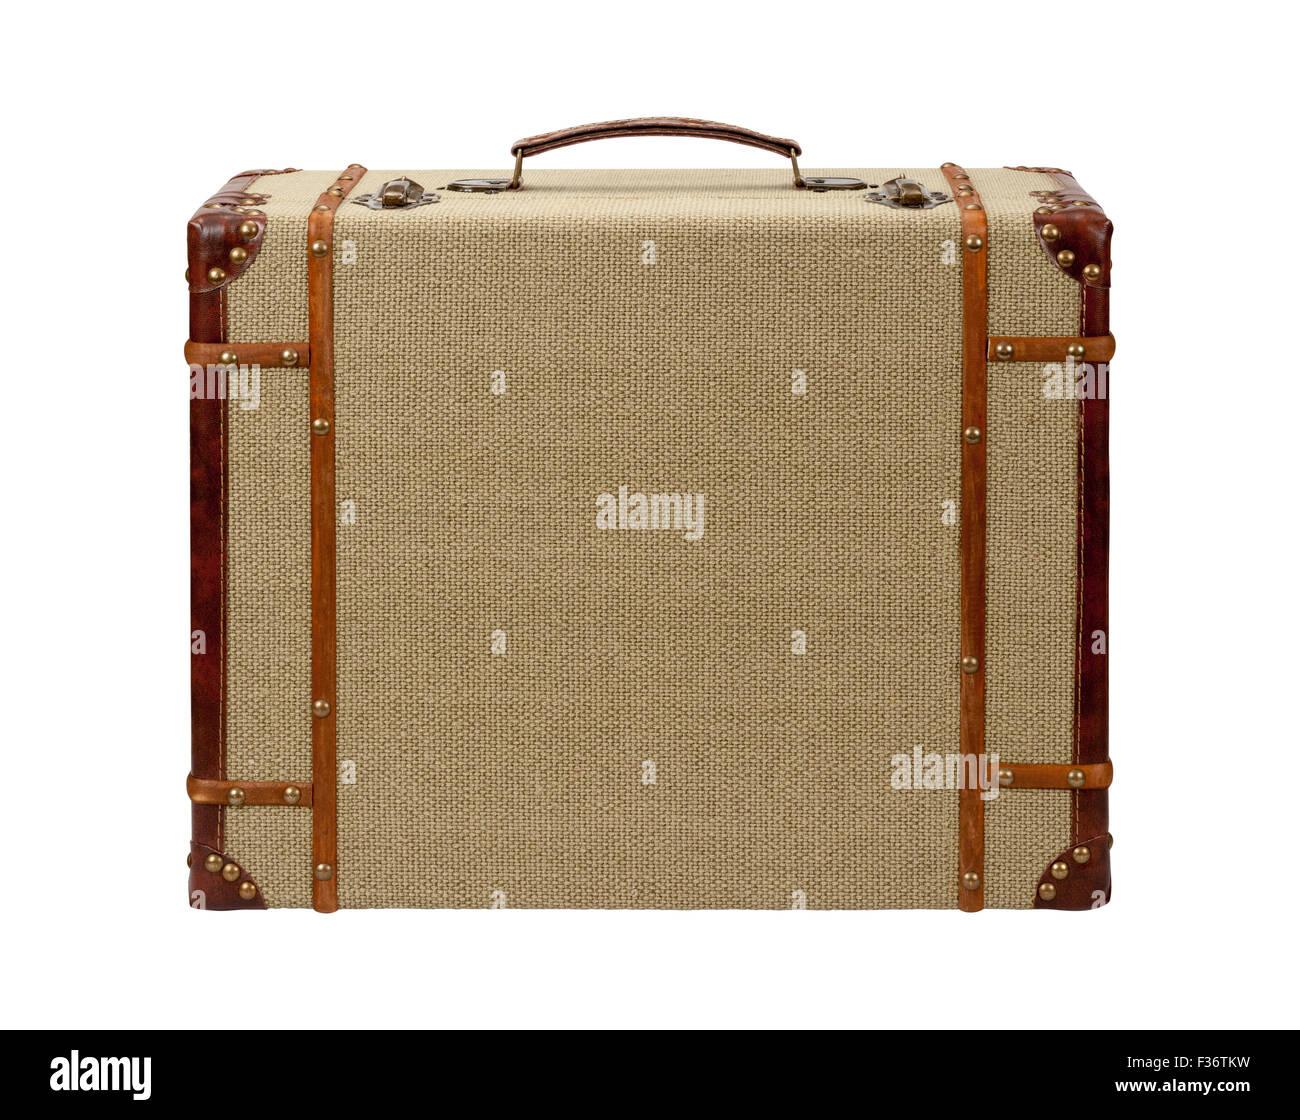 Deko Holz Sackleinen Koffer Stockbild